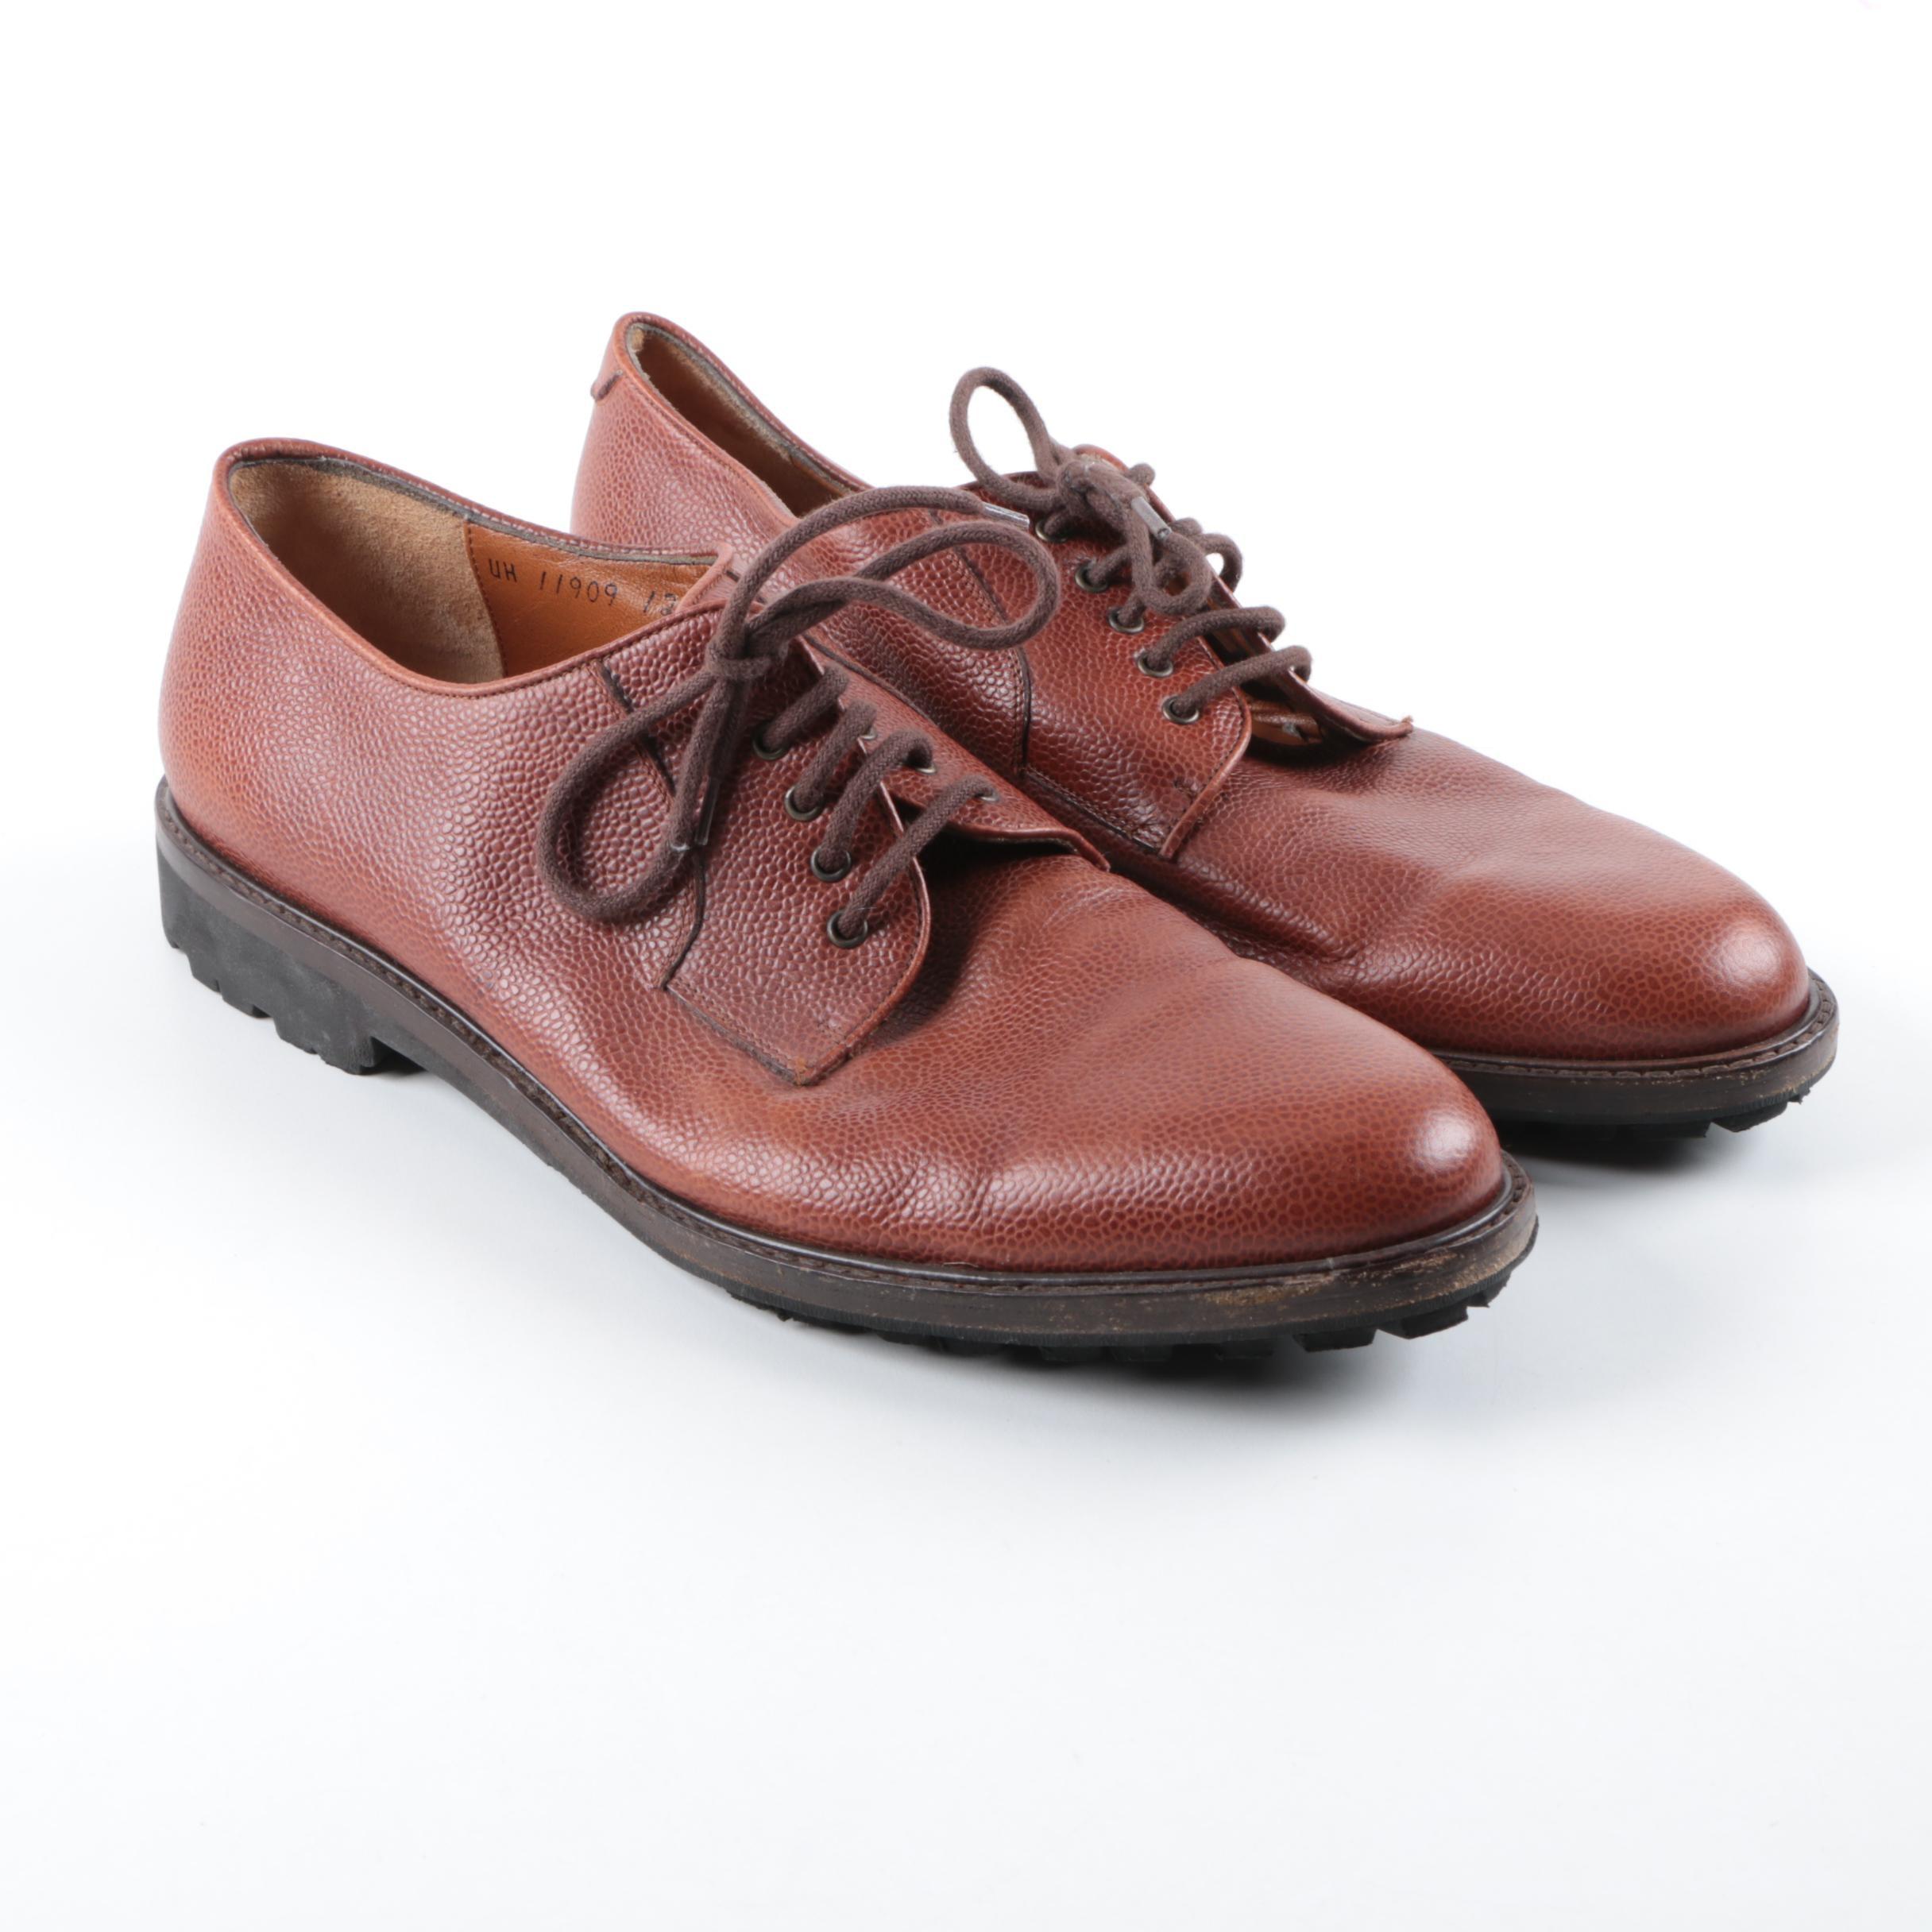 Men's Salvatore Ferragamo Brown Pebbled Leather Oxfords